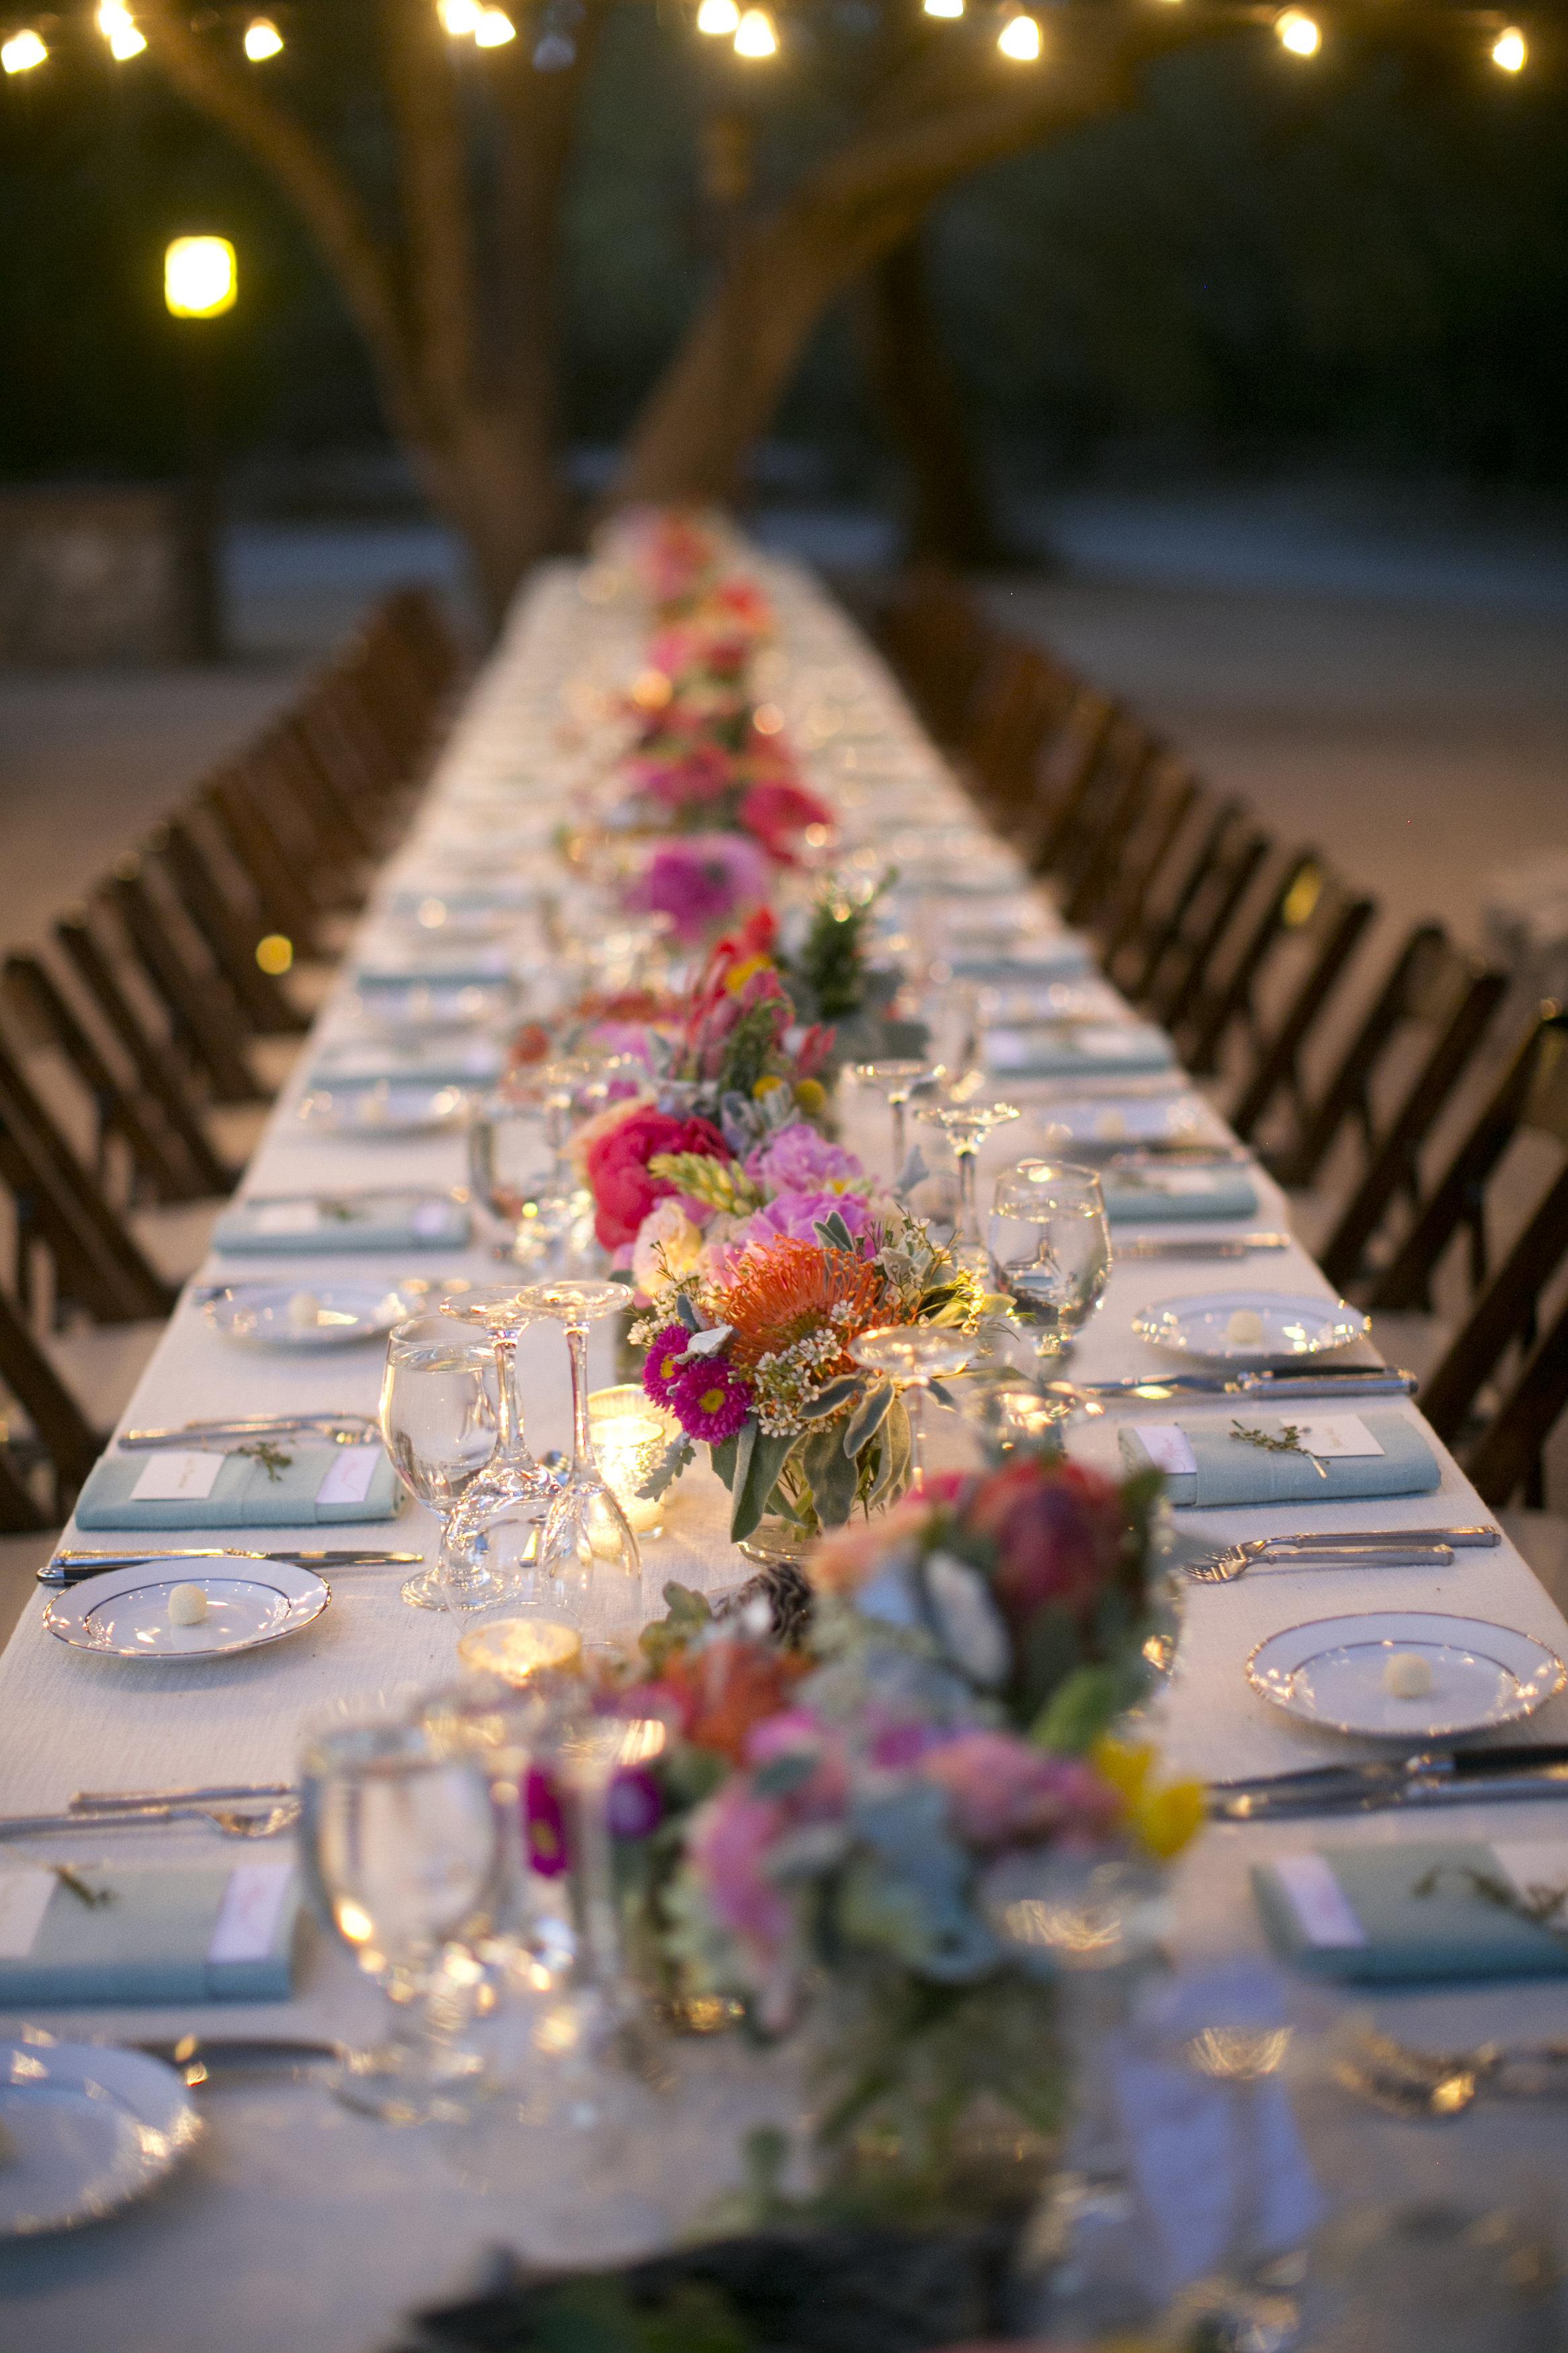 Ceci_New_York_Ceci_Style_Ceci_Johnson_Luxury_Lifestyle_Arizona_Wedding_Watercolor_Inspiration_Design_Custom_Couture_Personalized_Invitations_178.jpg